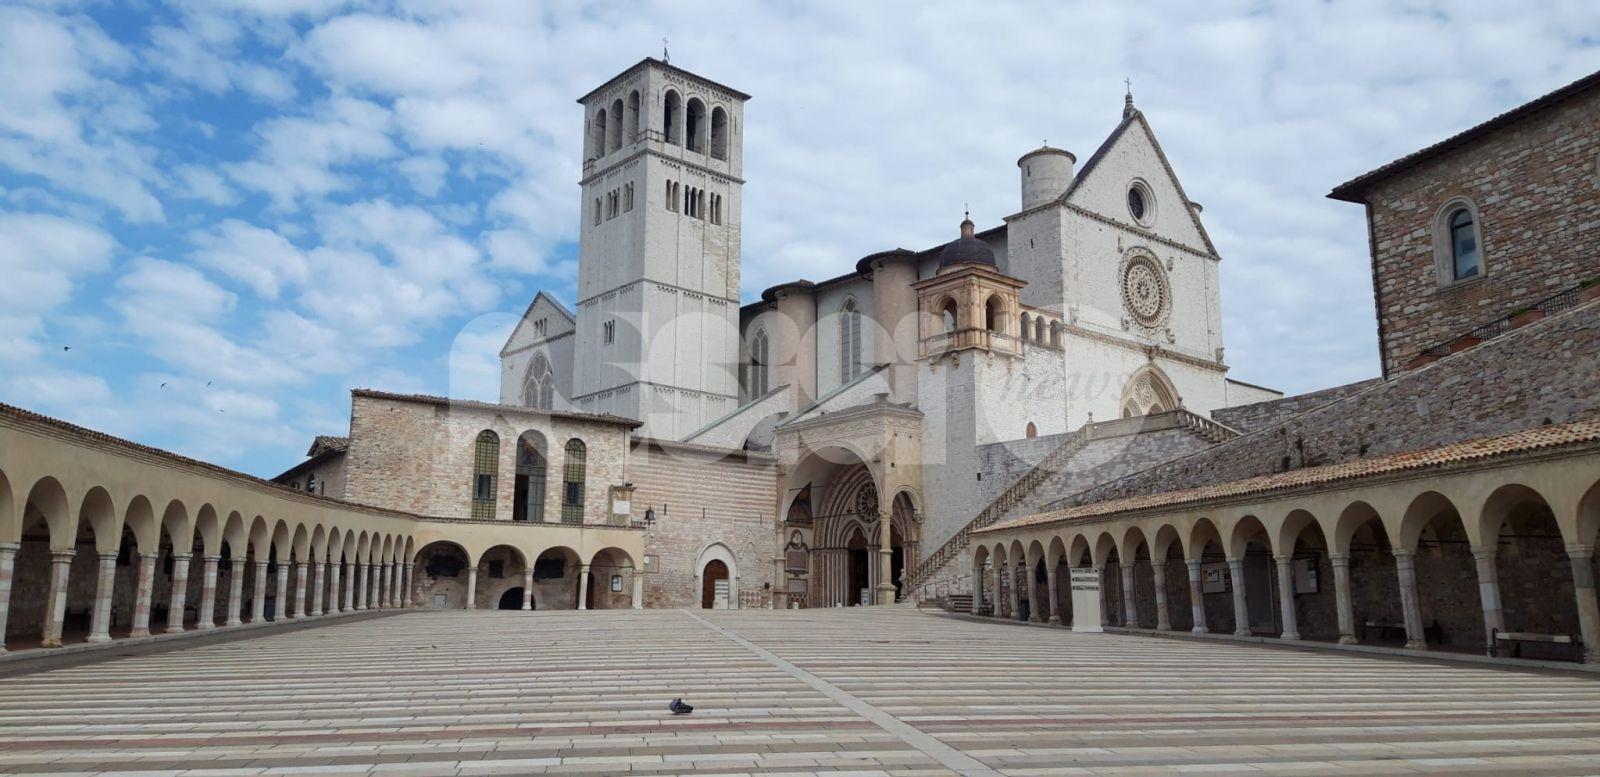 Ottocentenario della morte di San Francesco, il CdM stanzia 4.5 milioni di euro